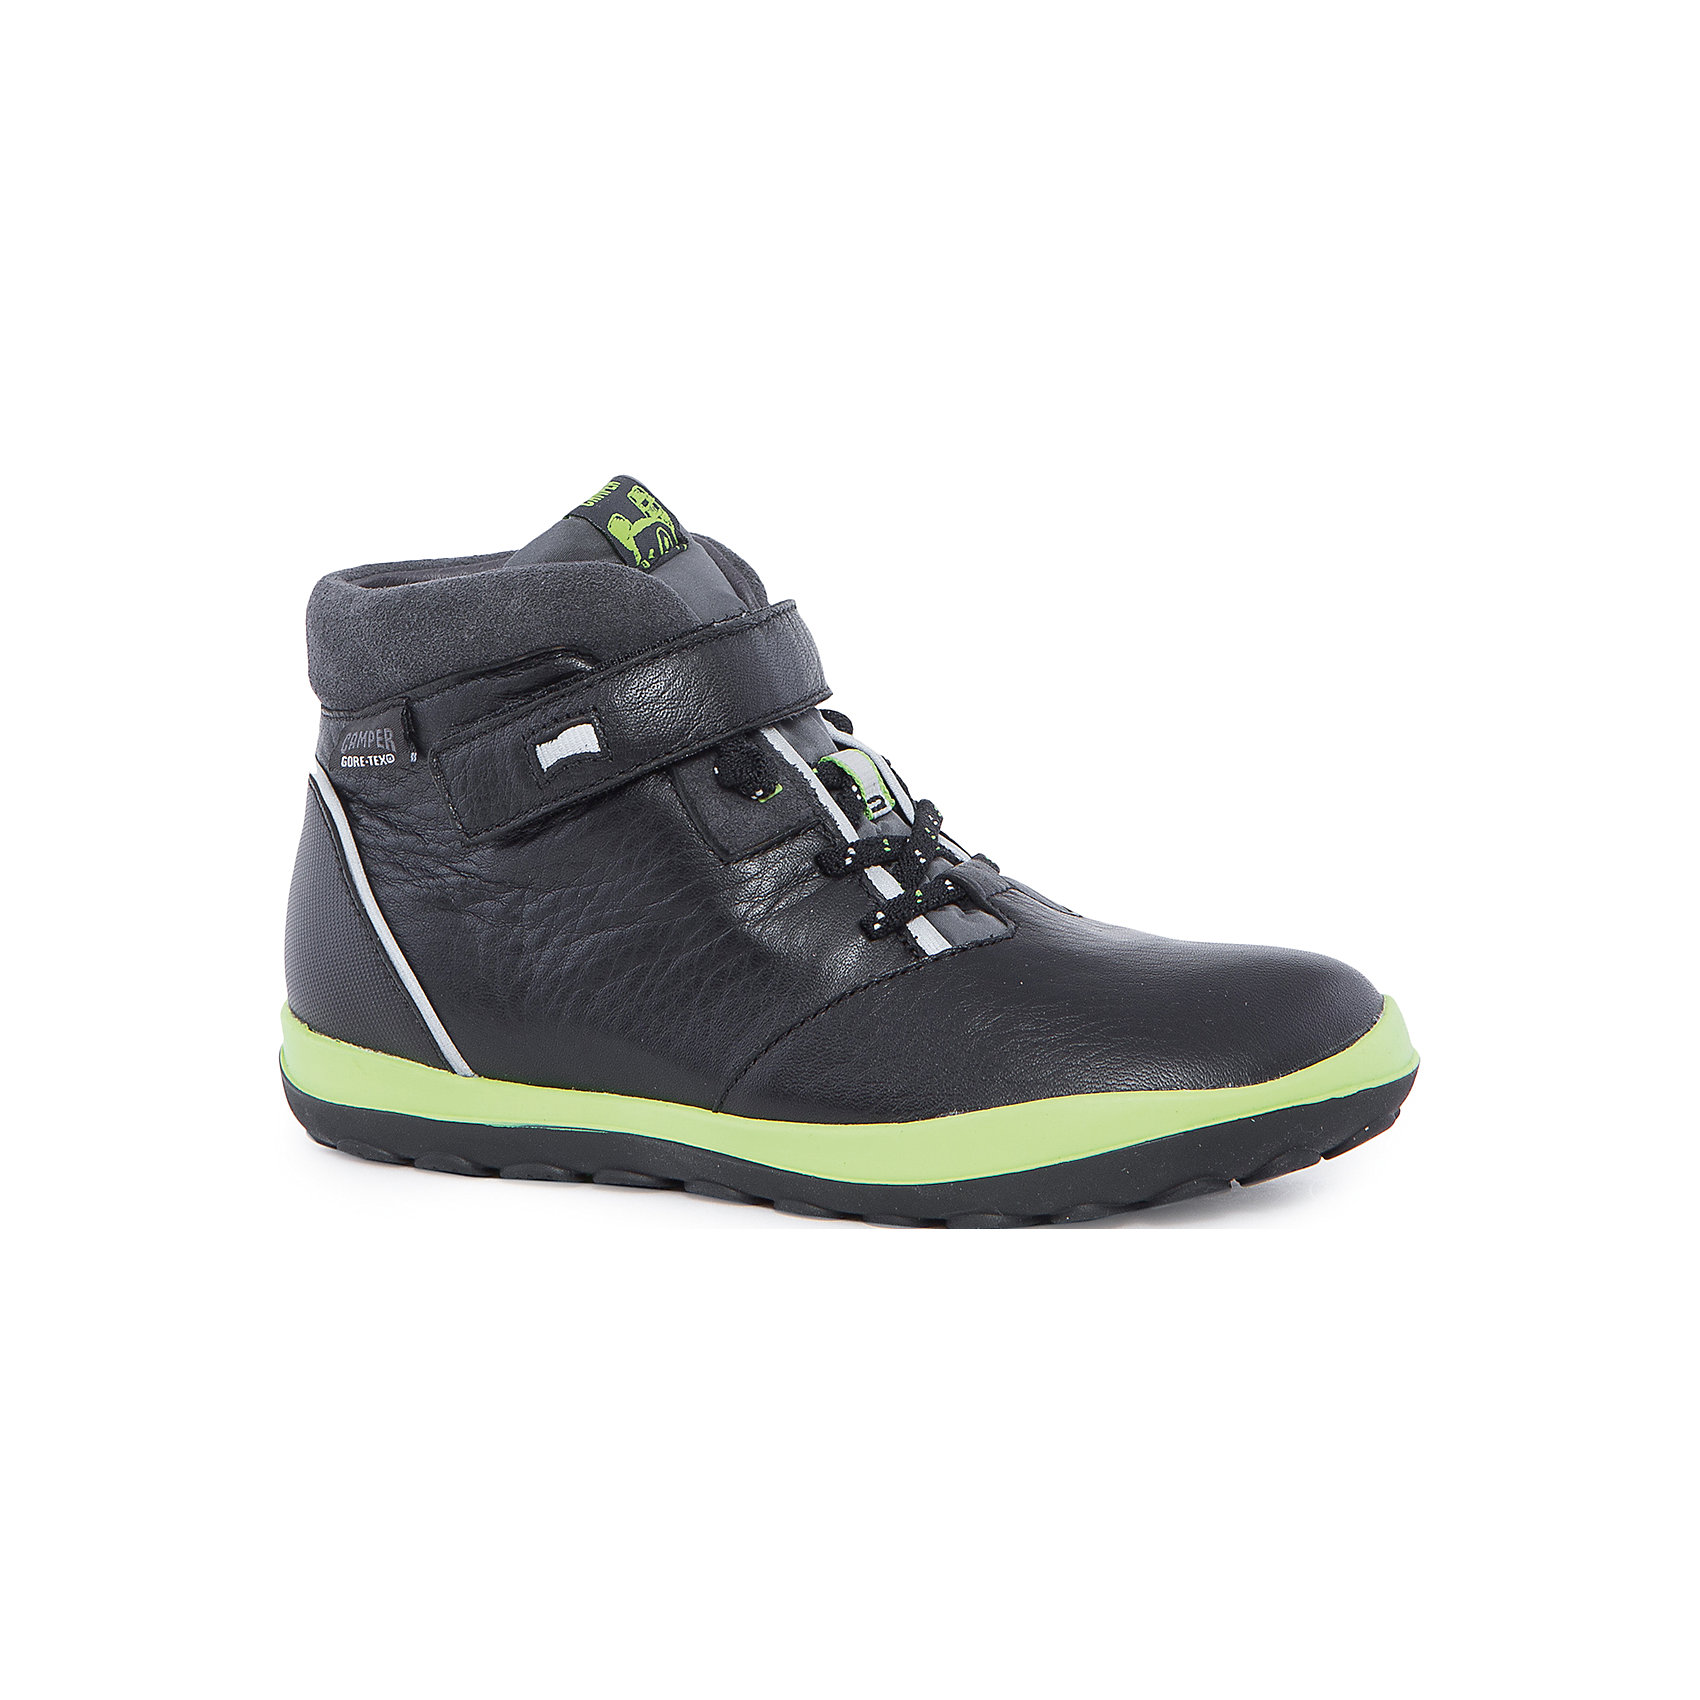 Ботинки для мальчика CamperБотинки<br>Характеристики:<br><br>• Предназначение: повседневная обувь<br>• Сезон: демисезонные<br>• Пол: для мальчика<br>• Цвет: черный, синий, салатовый<br>• Материал верха и стельки: натуральная кожа, текстиль, замша<br>• Материал подошвы: резина<br>• Тип каблука и подошвы: рифленая подошва<br>• Тип застежки: шнурки, ремешки-липучки<br>• Уход: удаление загрязнений мягкой тканью<br><br>Ботинки для мальчика Camper изготовлены испанским торговым брендом, специализирующимся на производстве обуви премиум-класса. Детская обувь Camper учитывает анатомические особенности детской растущей ноги, поэтому она изготавливается исключительно из натуральной кожи. Ботинки выполнены из сочетания гладкой кожи и замши, все элементы верха прошиты, имеется ортопедическая стелька. Эта модель ботинок выполнена с повышенными влагостойкими и антискользящими свойствами, имеет дополнительное утепление. Ботинки выполнены в дизайне детской линии от Camper – Peu Pista, которая отличается спортивным дизайном и яркими элементами, анатомической формой и повышенными комфортными свойствами. <br><br>Ботинки для мальчика Camper можно купить в нашем интернет-магазине.<br><br>Ширина мм: 262<br>Глубина мм: 176<br>Высота мм: 97<br>Вес г: 427<br>Цвет: черный<br>Возраст от месяцев: 96<br>Возраст до месяцев: 108<br>Пол: Мужской<br>Возраст: Детский<br>Размер: 32,36,35,37,33,38,34,31<br>SKU: 4974998